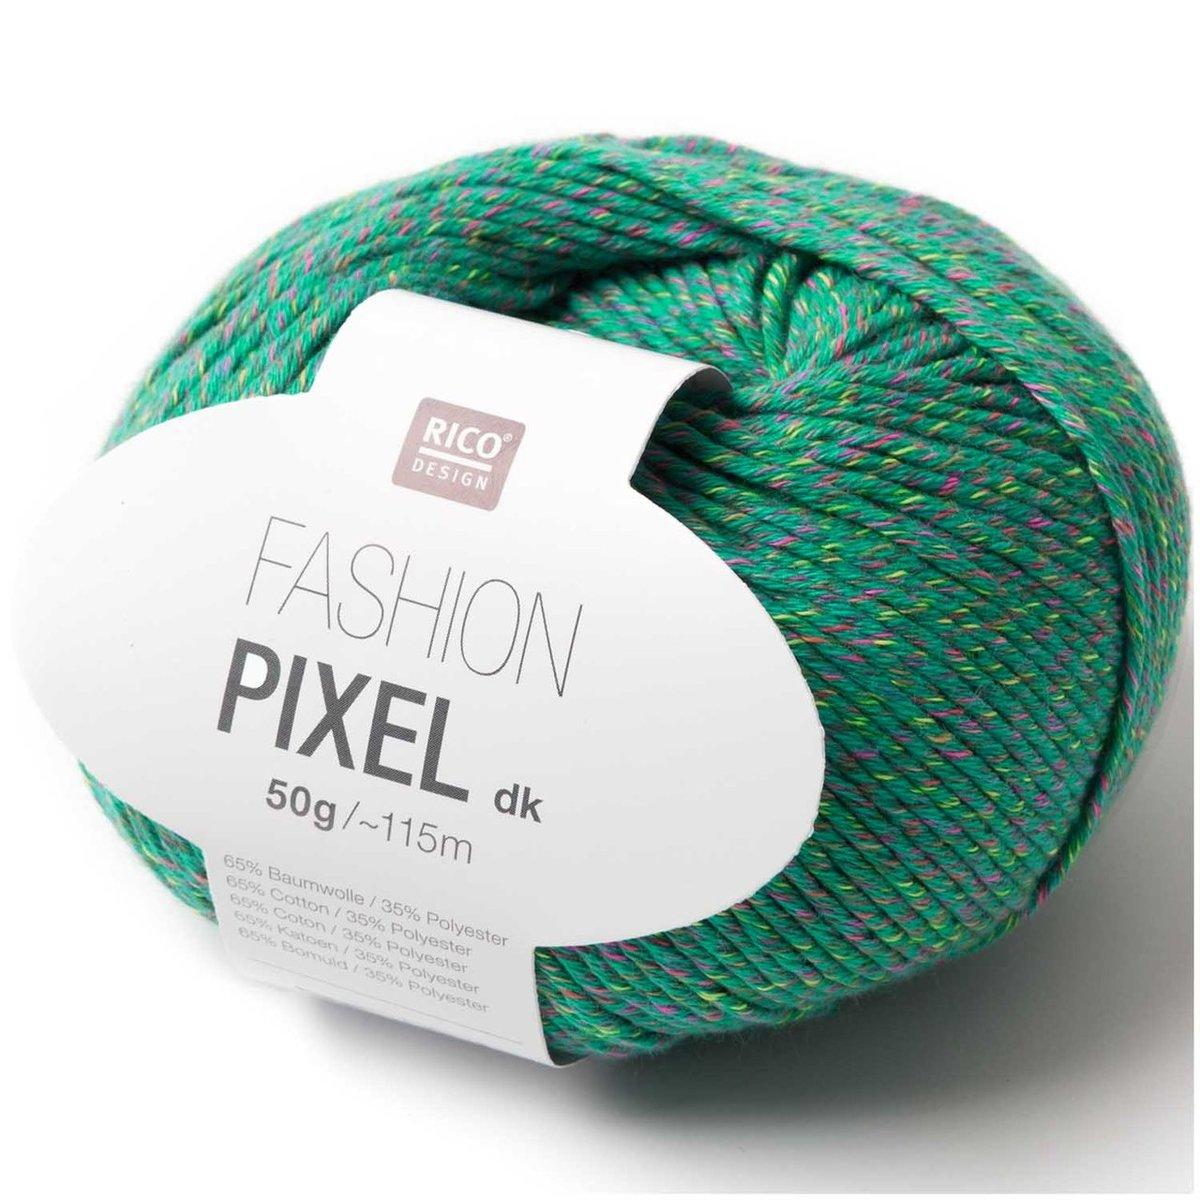 Bild 1 von Rico Design Fashion Pixel dk 50g 115m